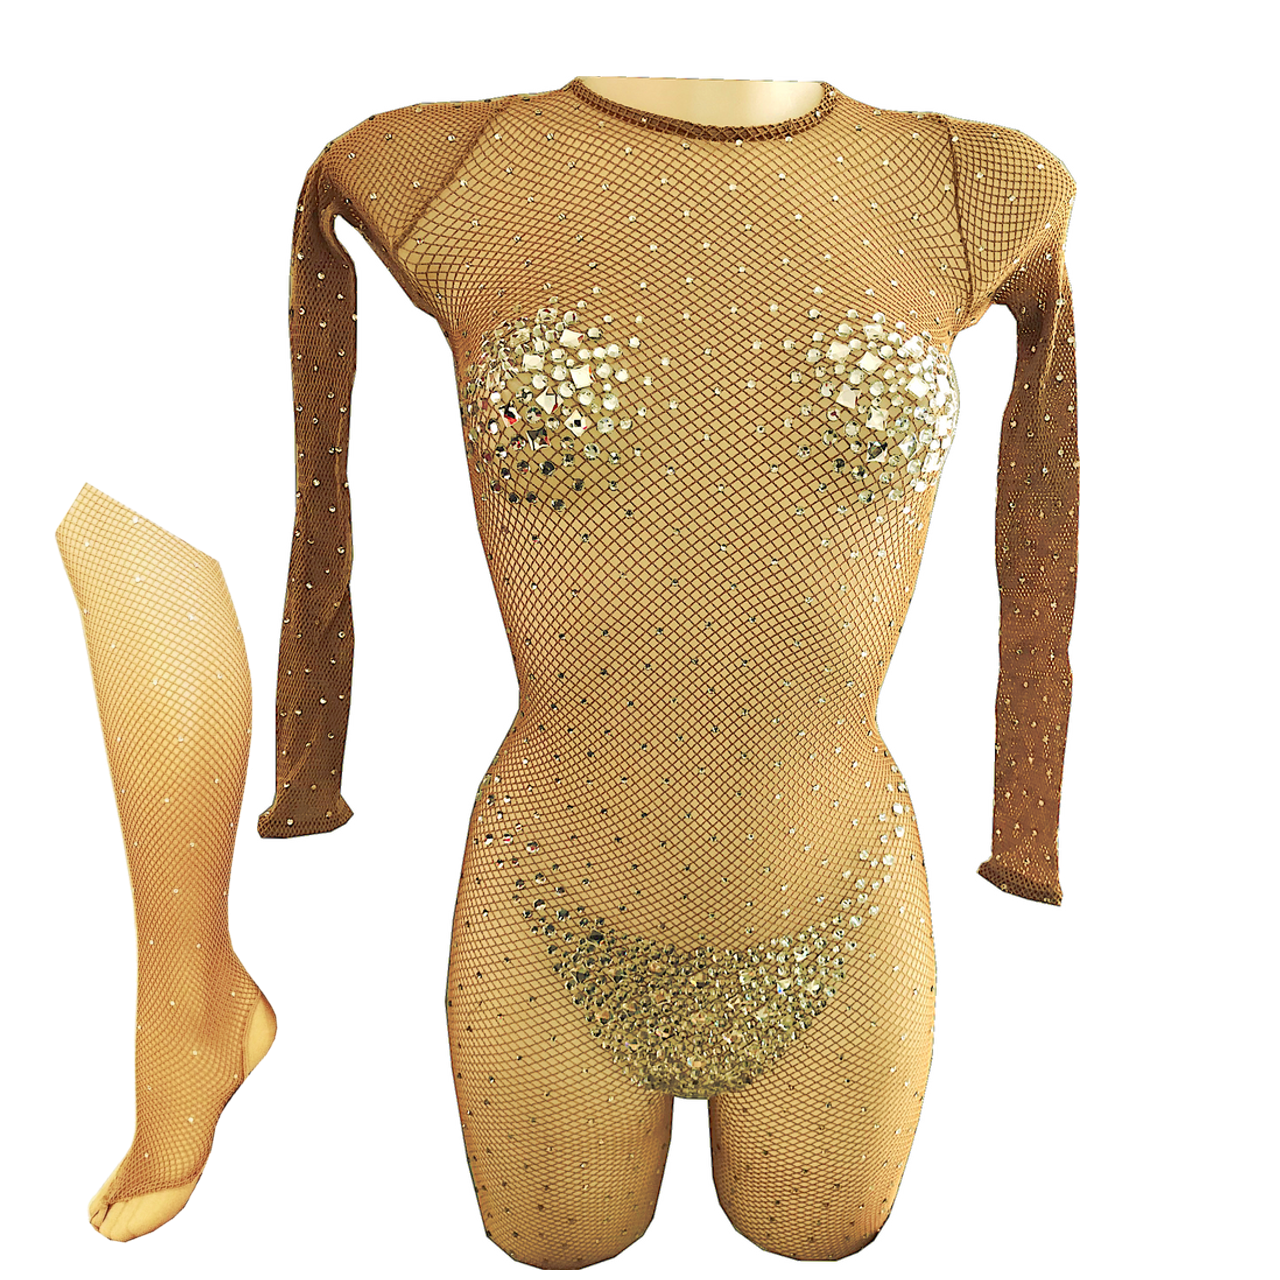 Aca 09 c academique resille chair suntan sans pieds strasse qualite professionnel de danse tenue de scene